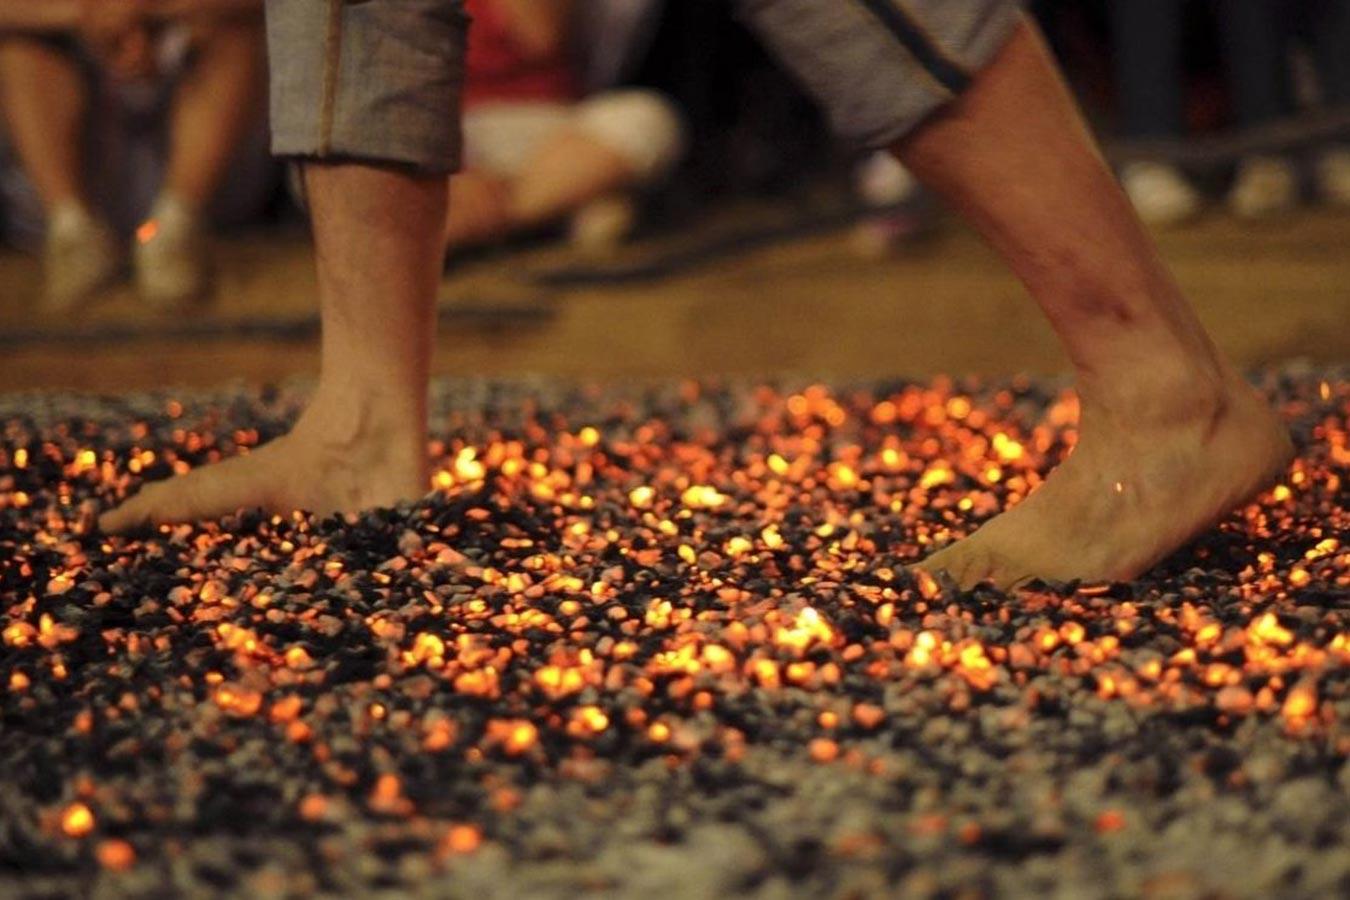 45. trening: Hod po vrućem ugljenu i kupnja novih tenisica